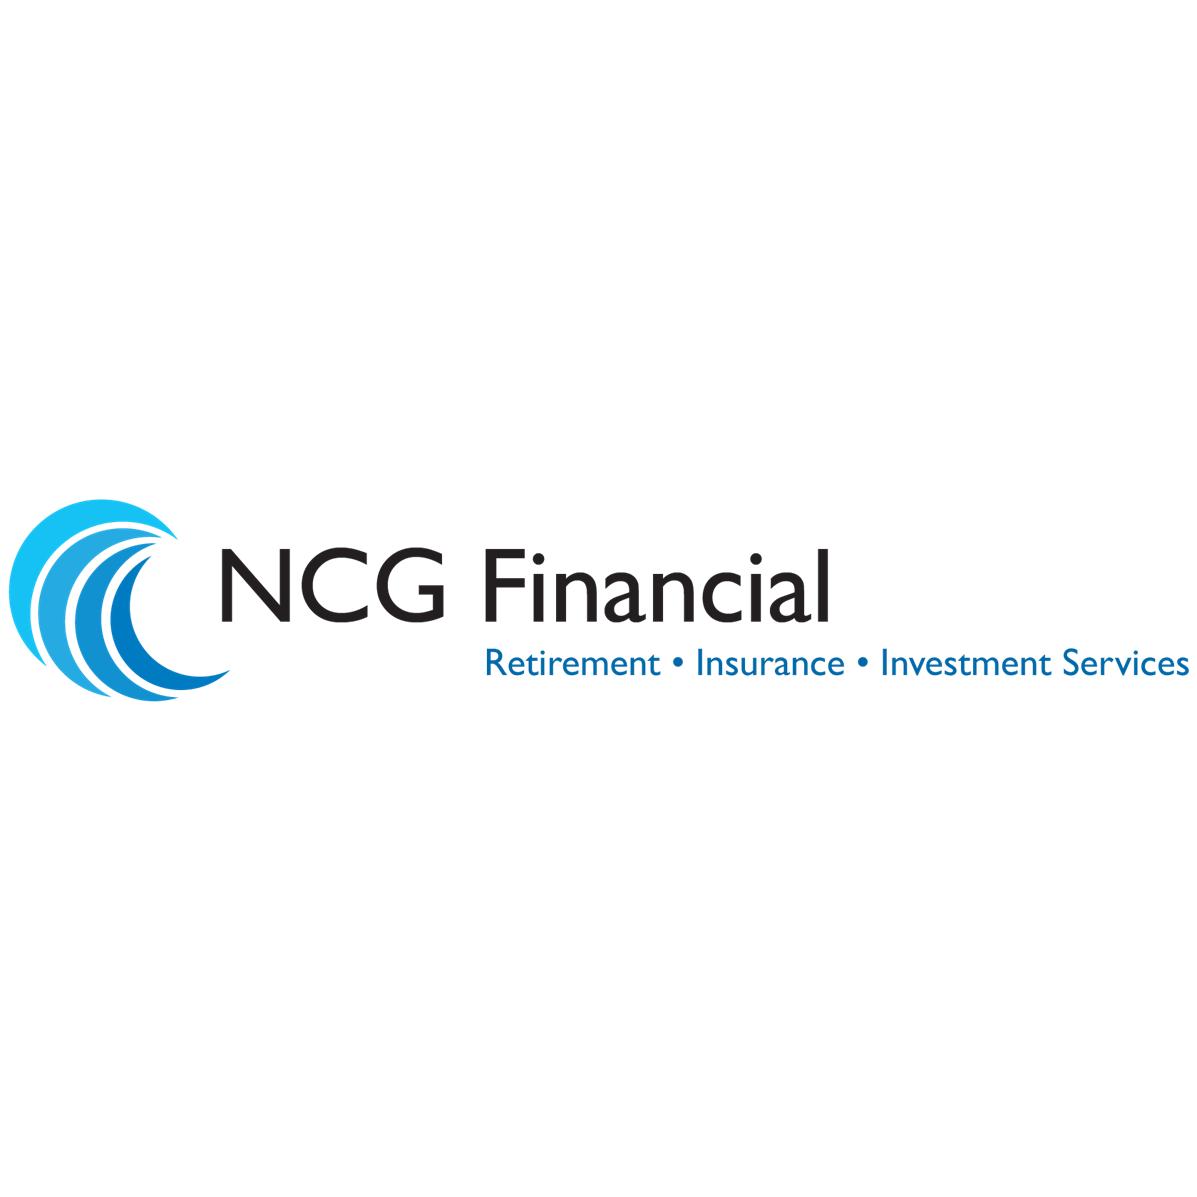 NCG Financial